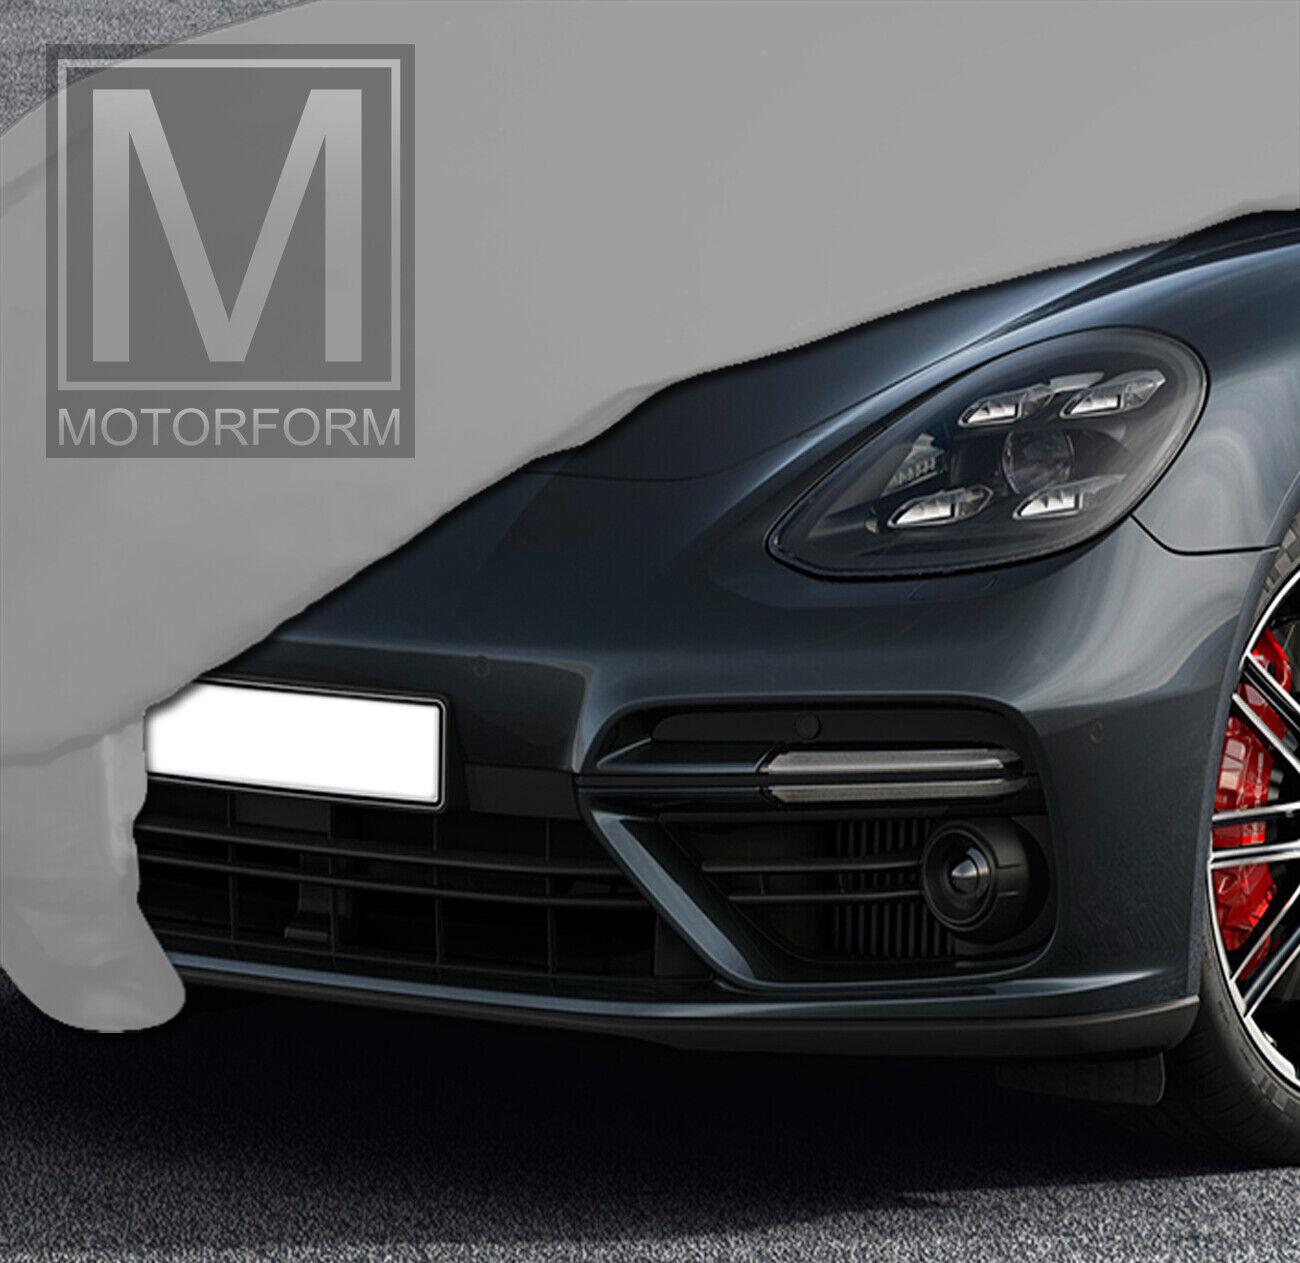 Porsche Panamera muy garaje coche car cover espejo bolsillos polvo funda protectora suave